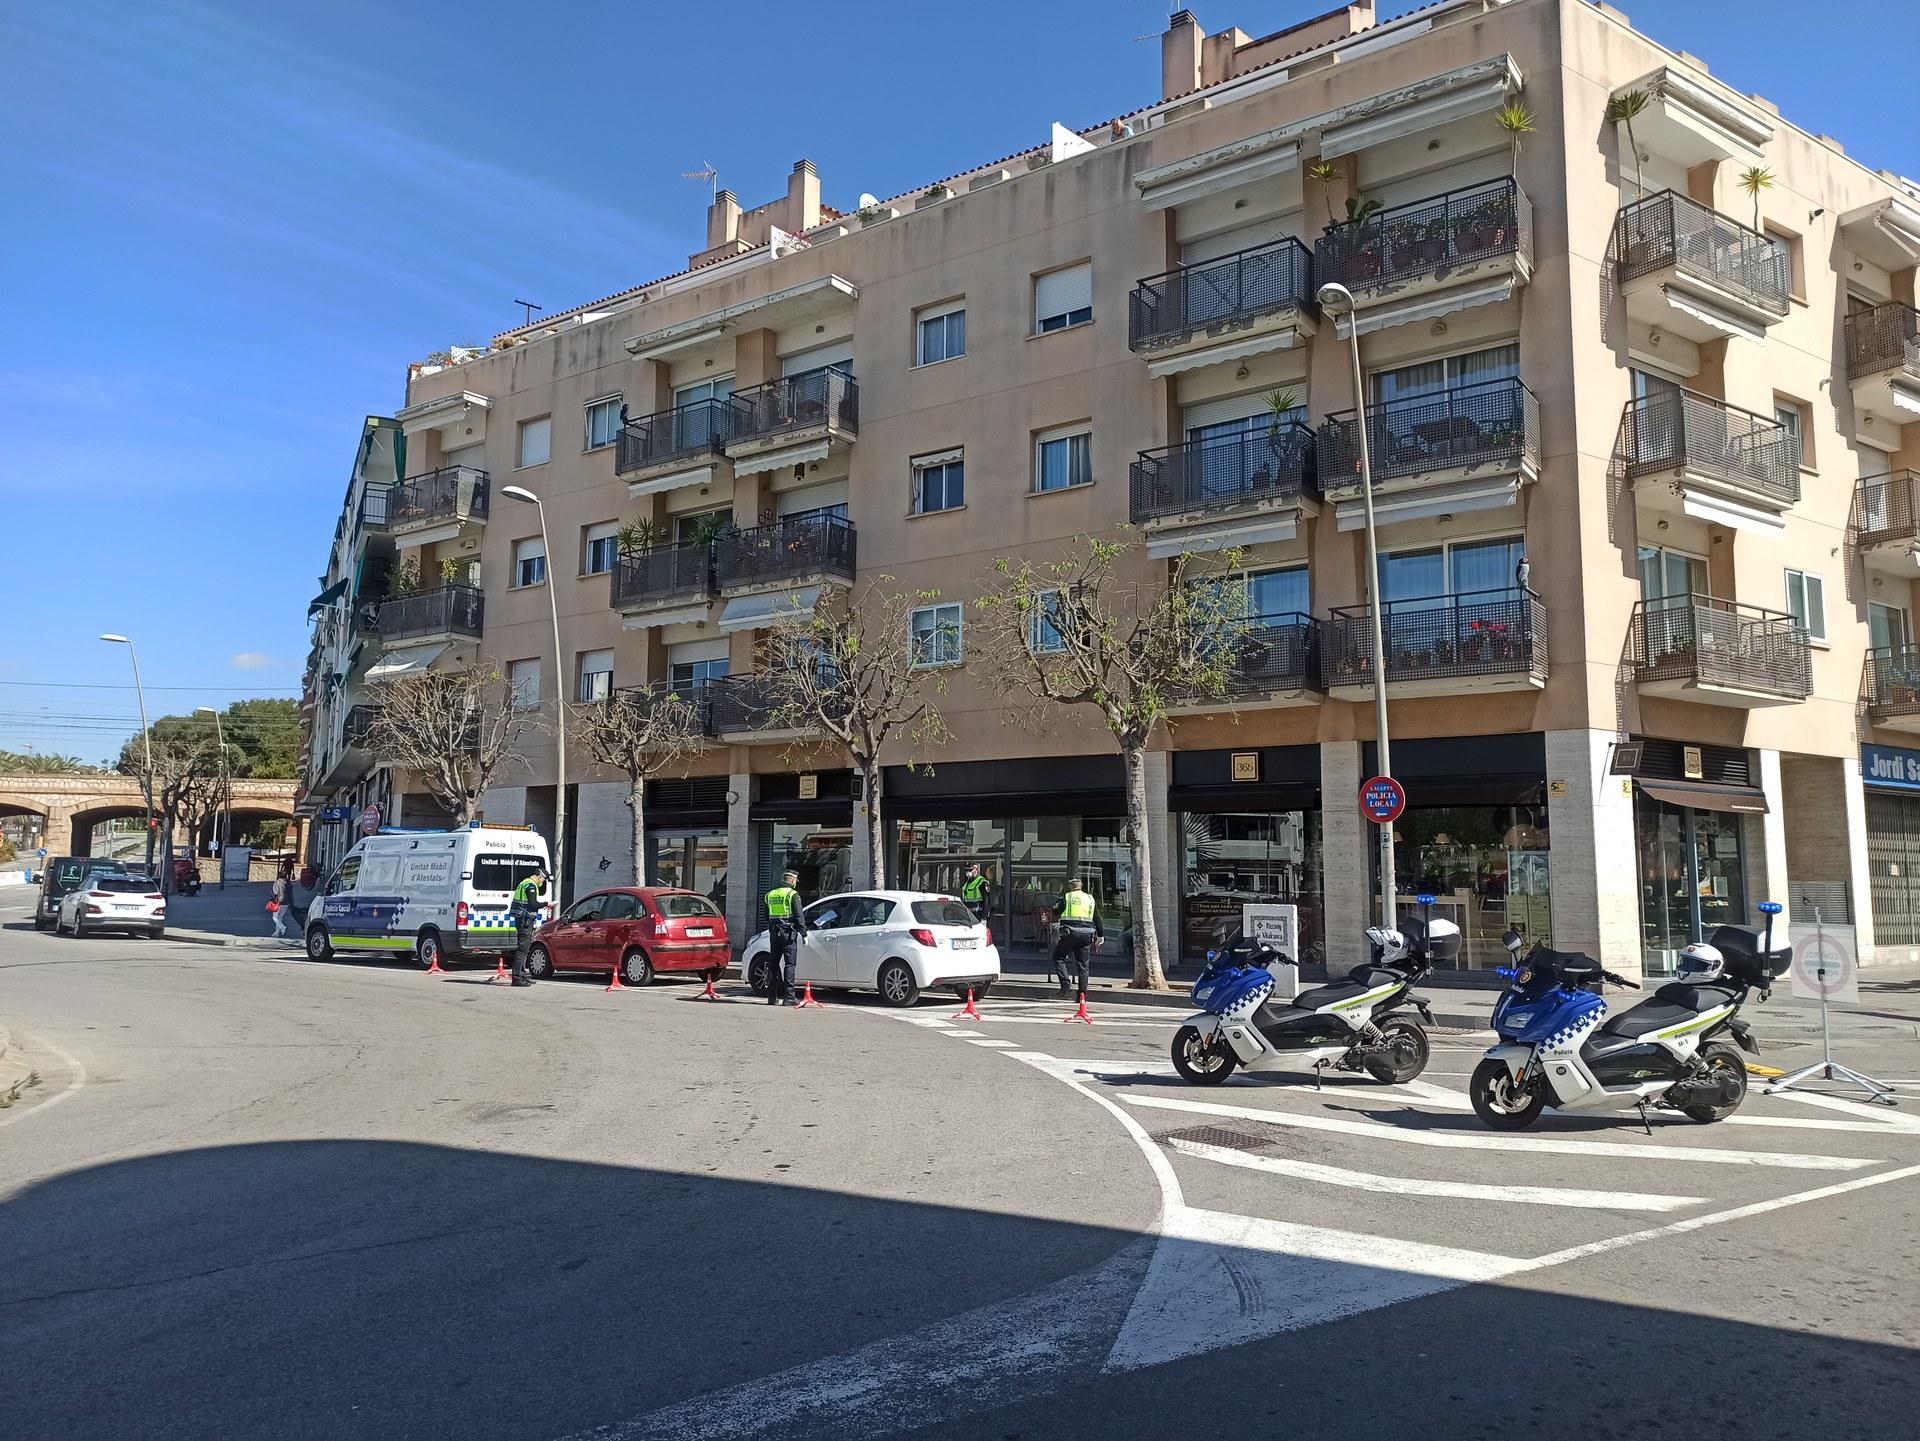 La Policia Local intensifica els controls a Sitges per evitar l'incompliment de l'estat d'alarma